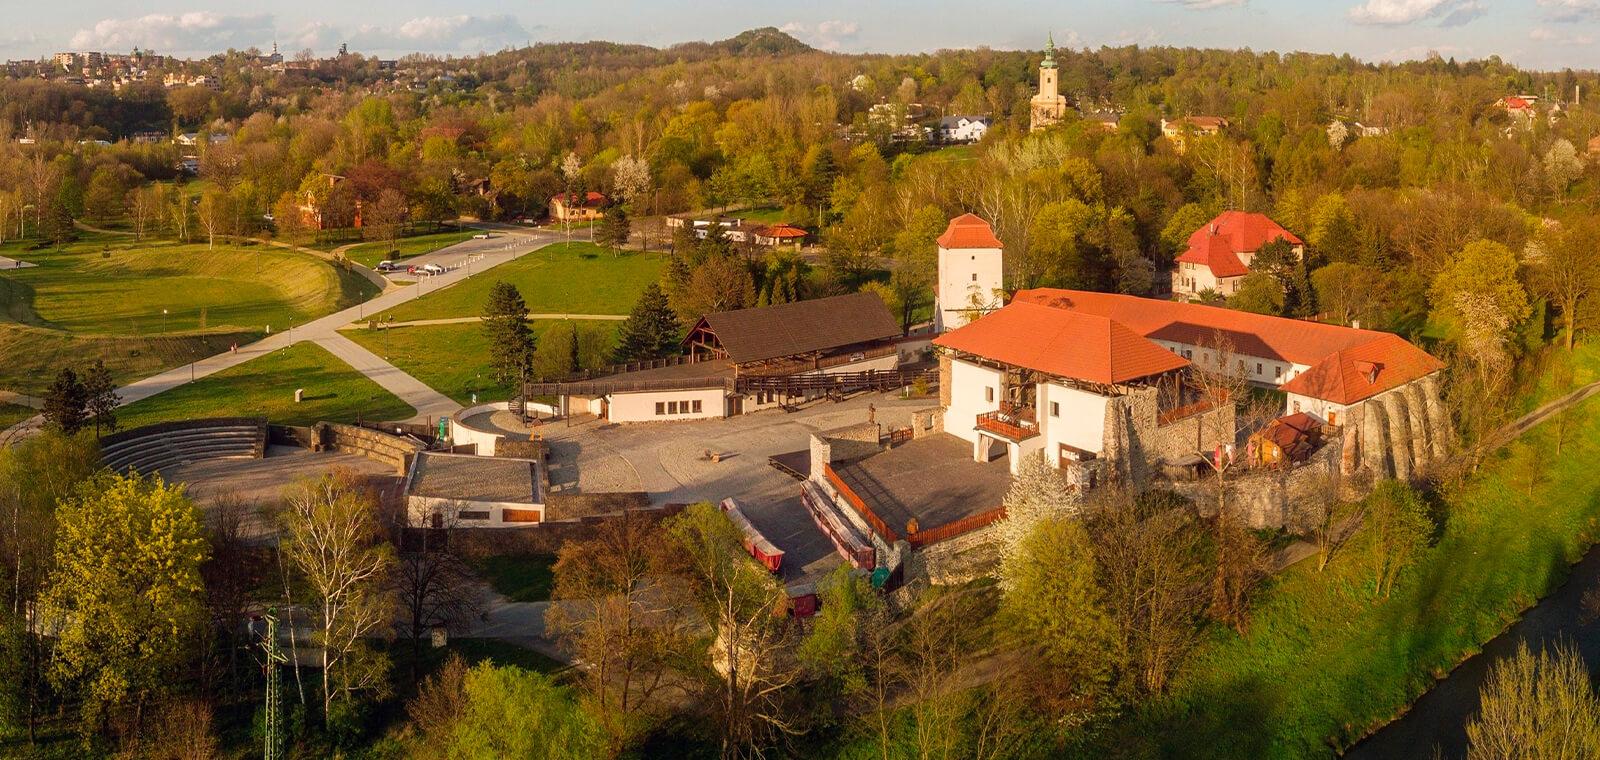 Ostrava-slezkoostravsky-hrad-teaser-01.jpg